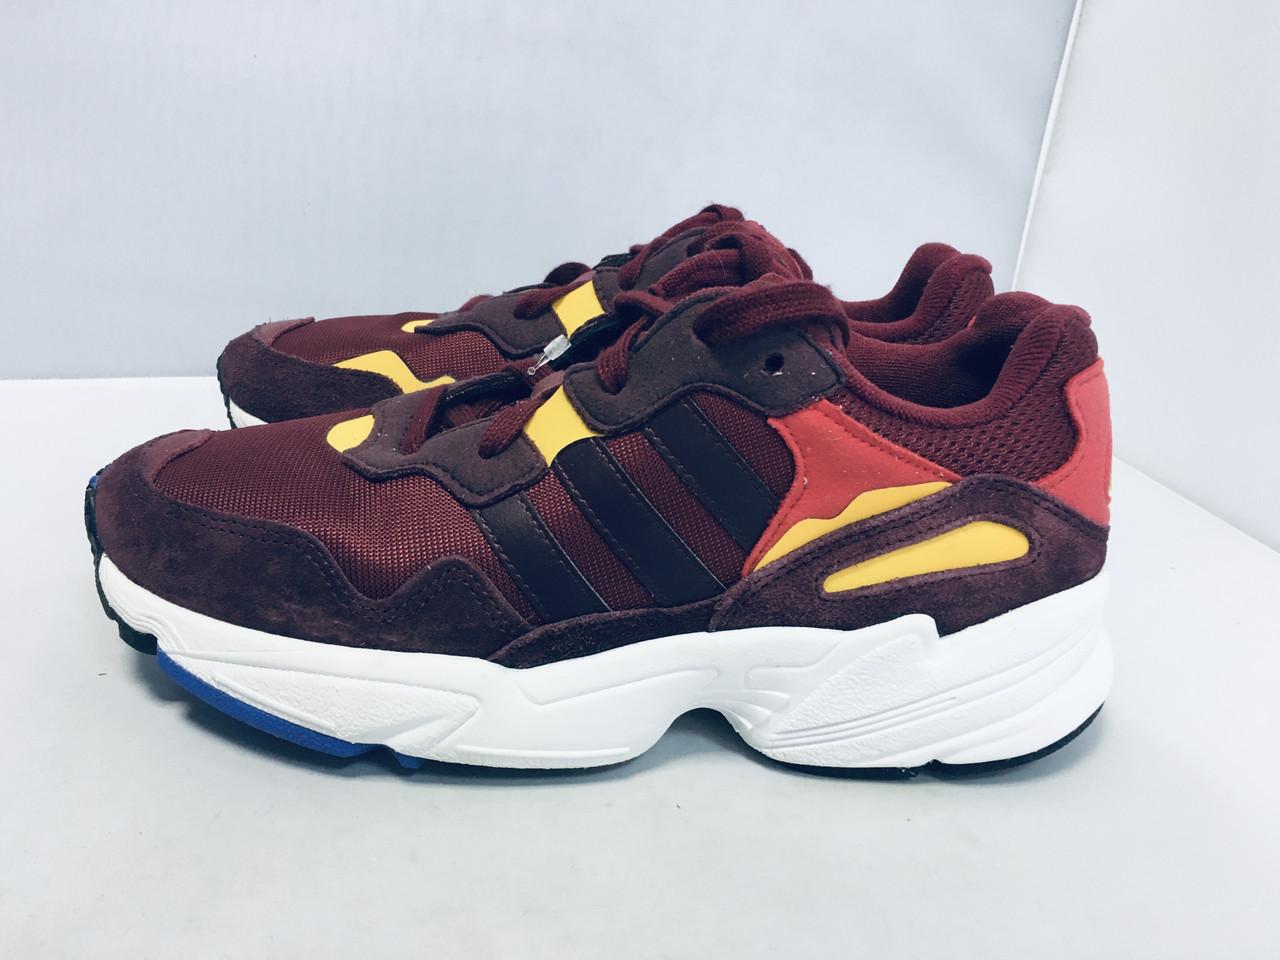 Женские кроссовки Adidas Torsion,  41 размер